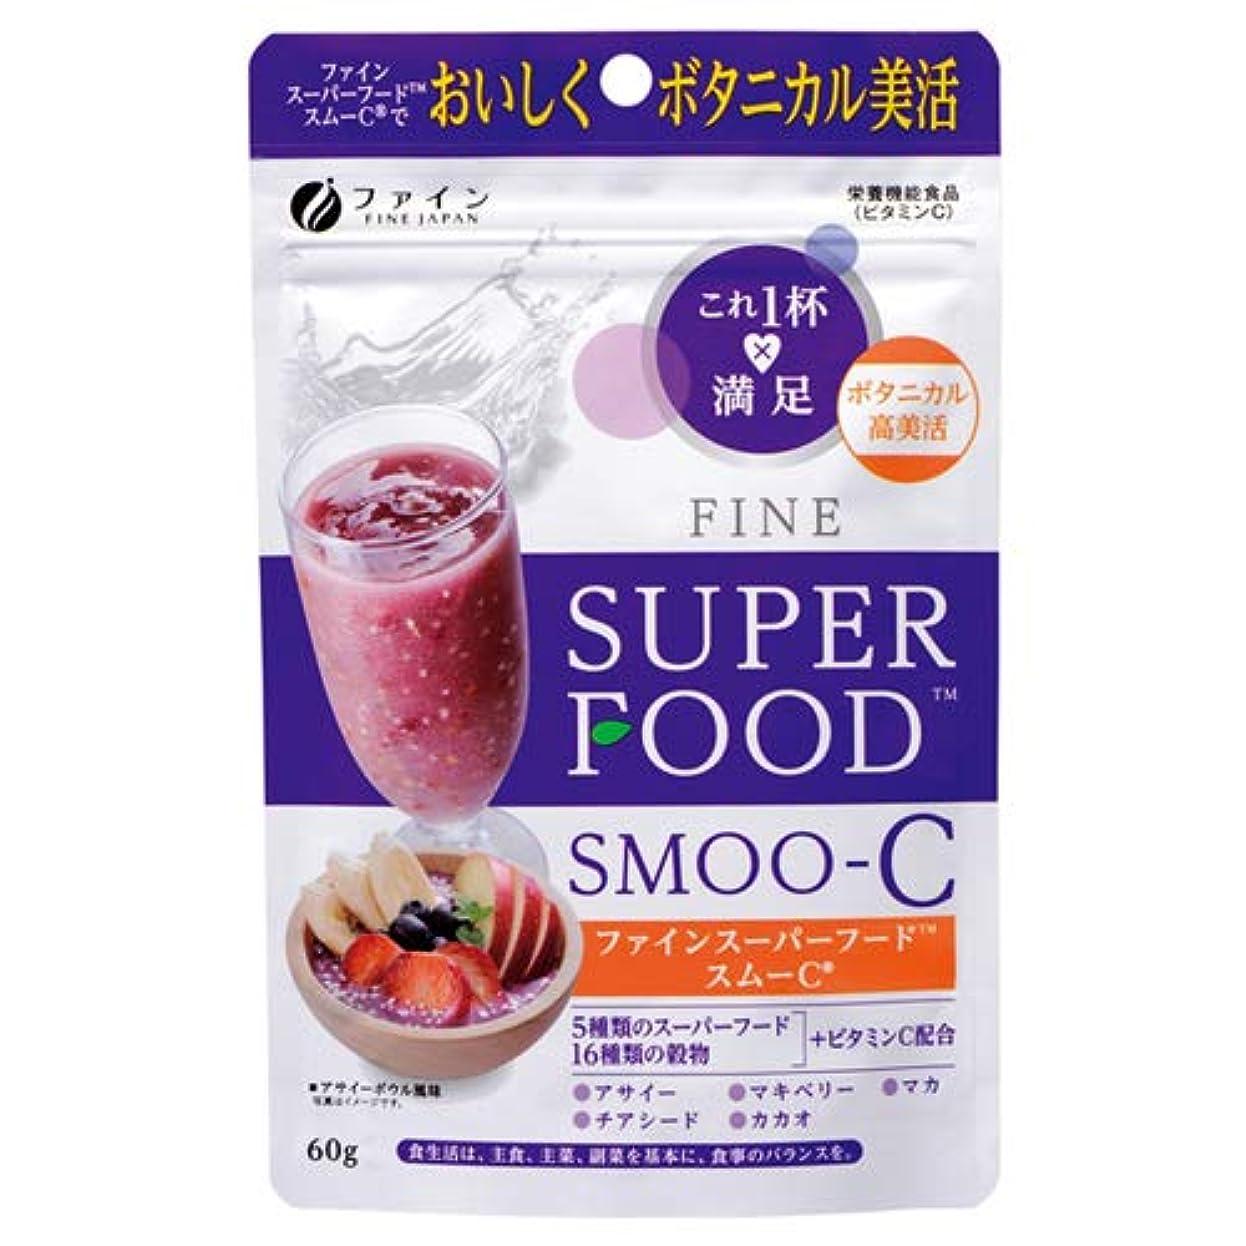 トレード練るガムファイン スーパーフード スムーC 60g 【50袋組】